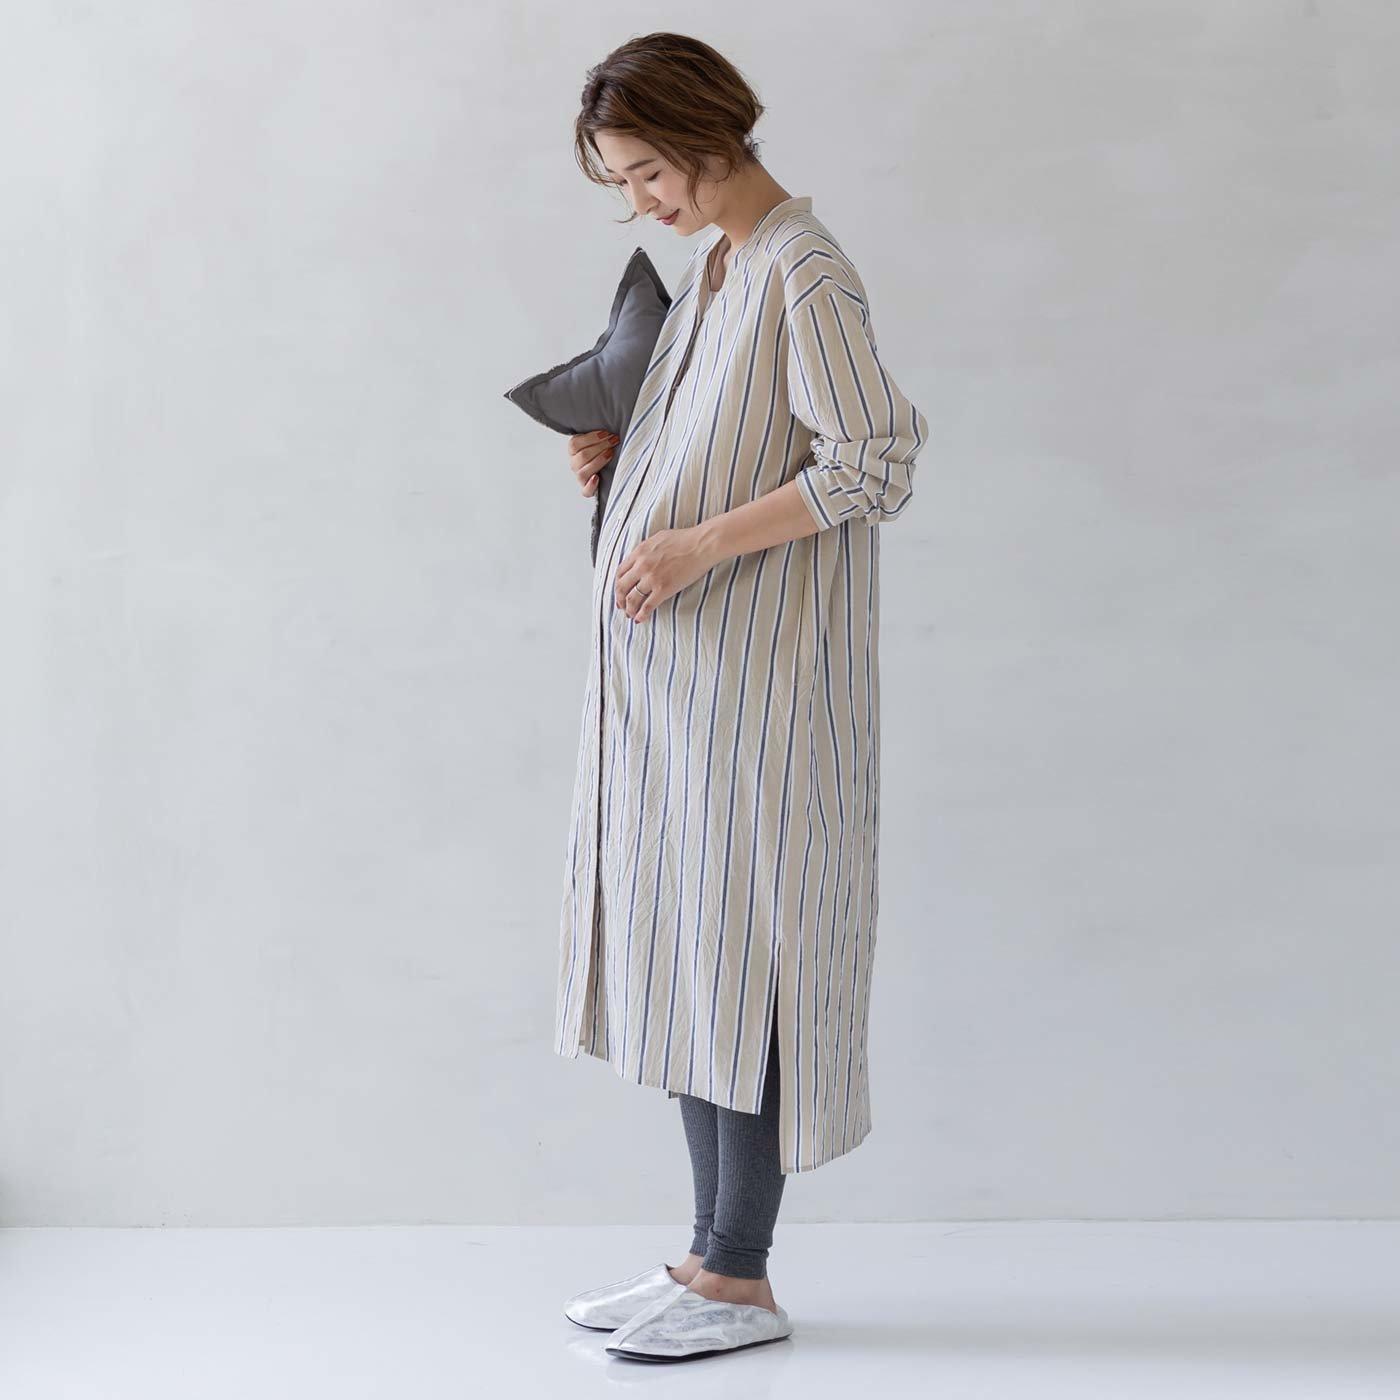 フェリシモMama マタニティから産後も使える ママによりそうストライプワンピースパジャマ〈ベージュ〉